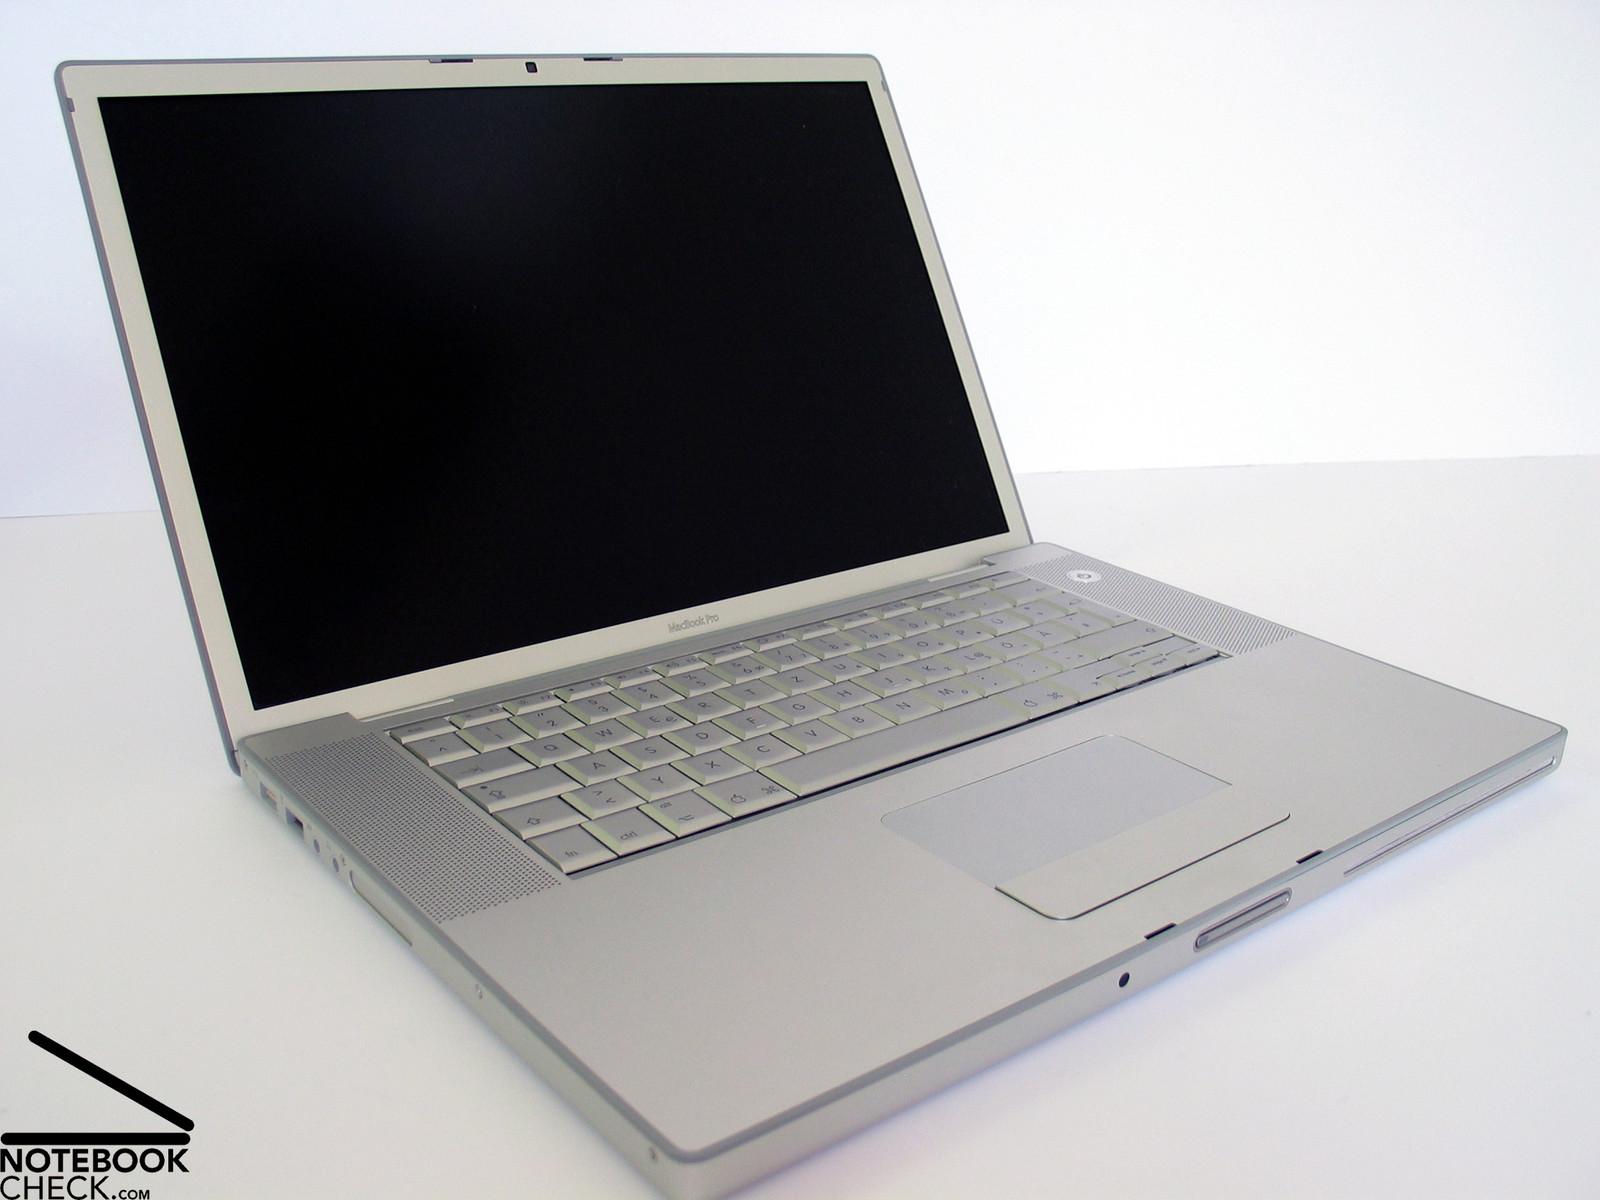 test apple macbook pro 15 notebook santa rosa. Black Bedroom Furniture Sets. Home Design Ideas